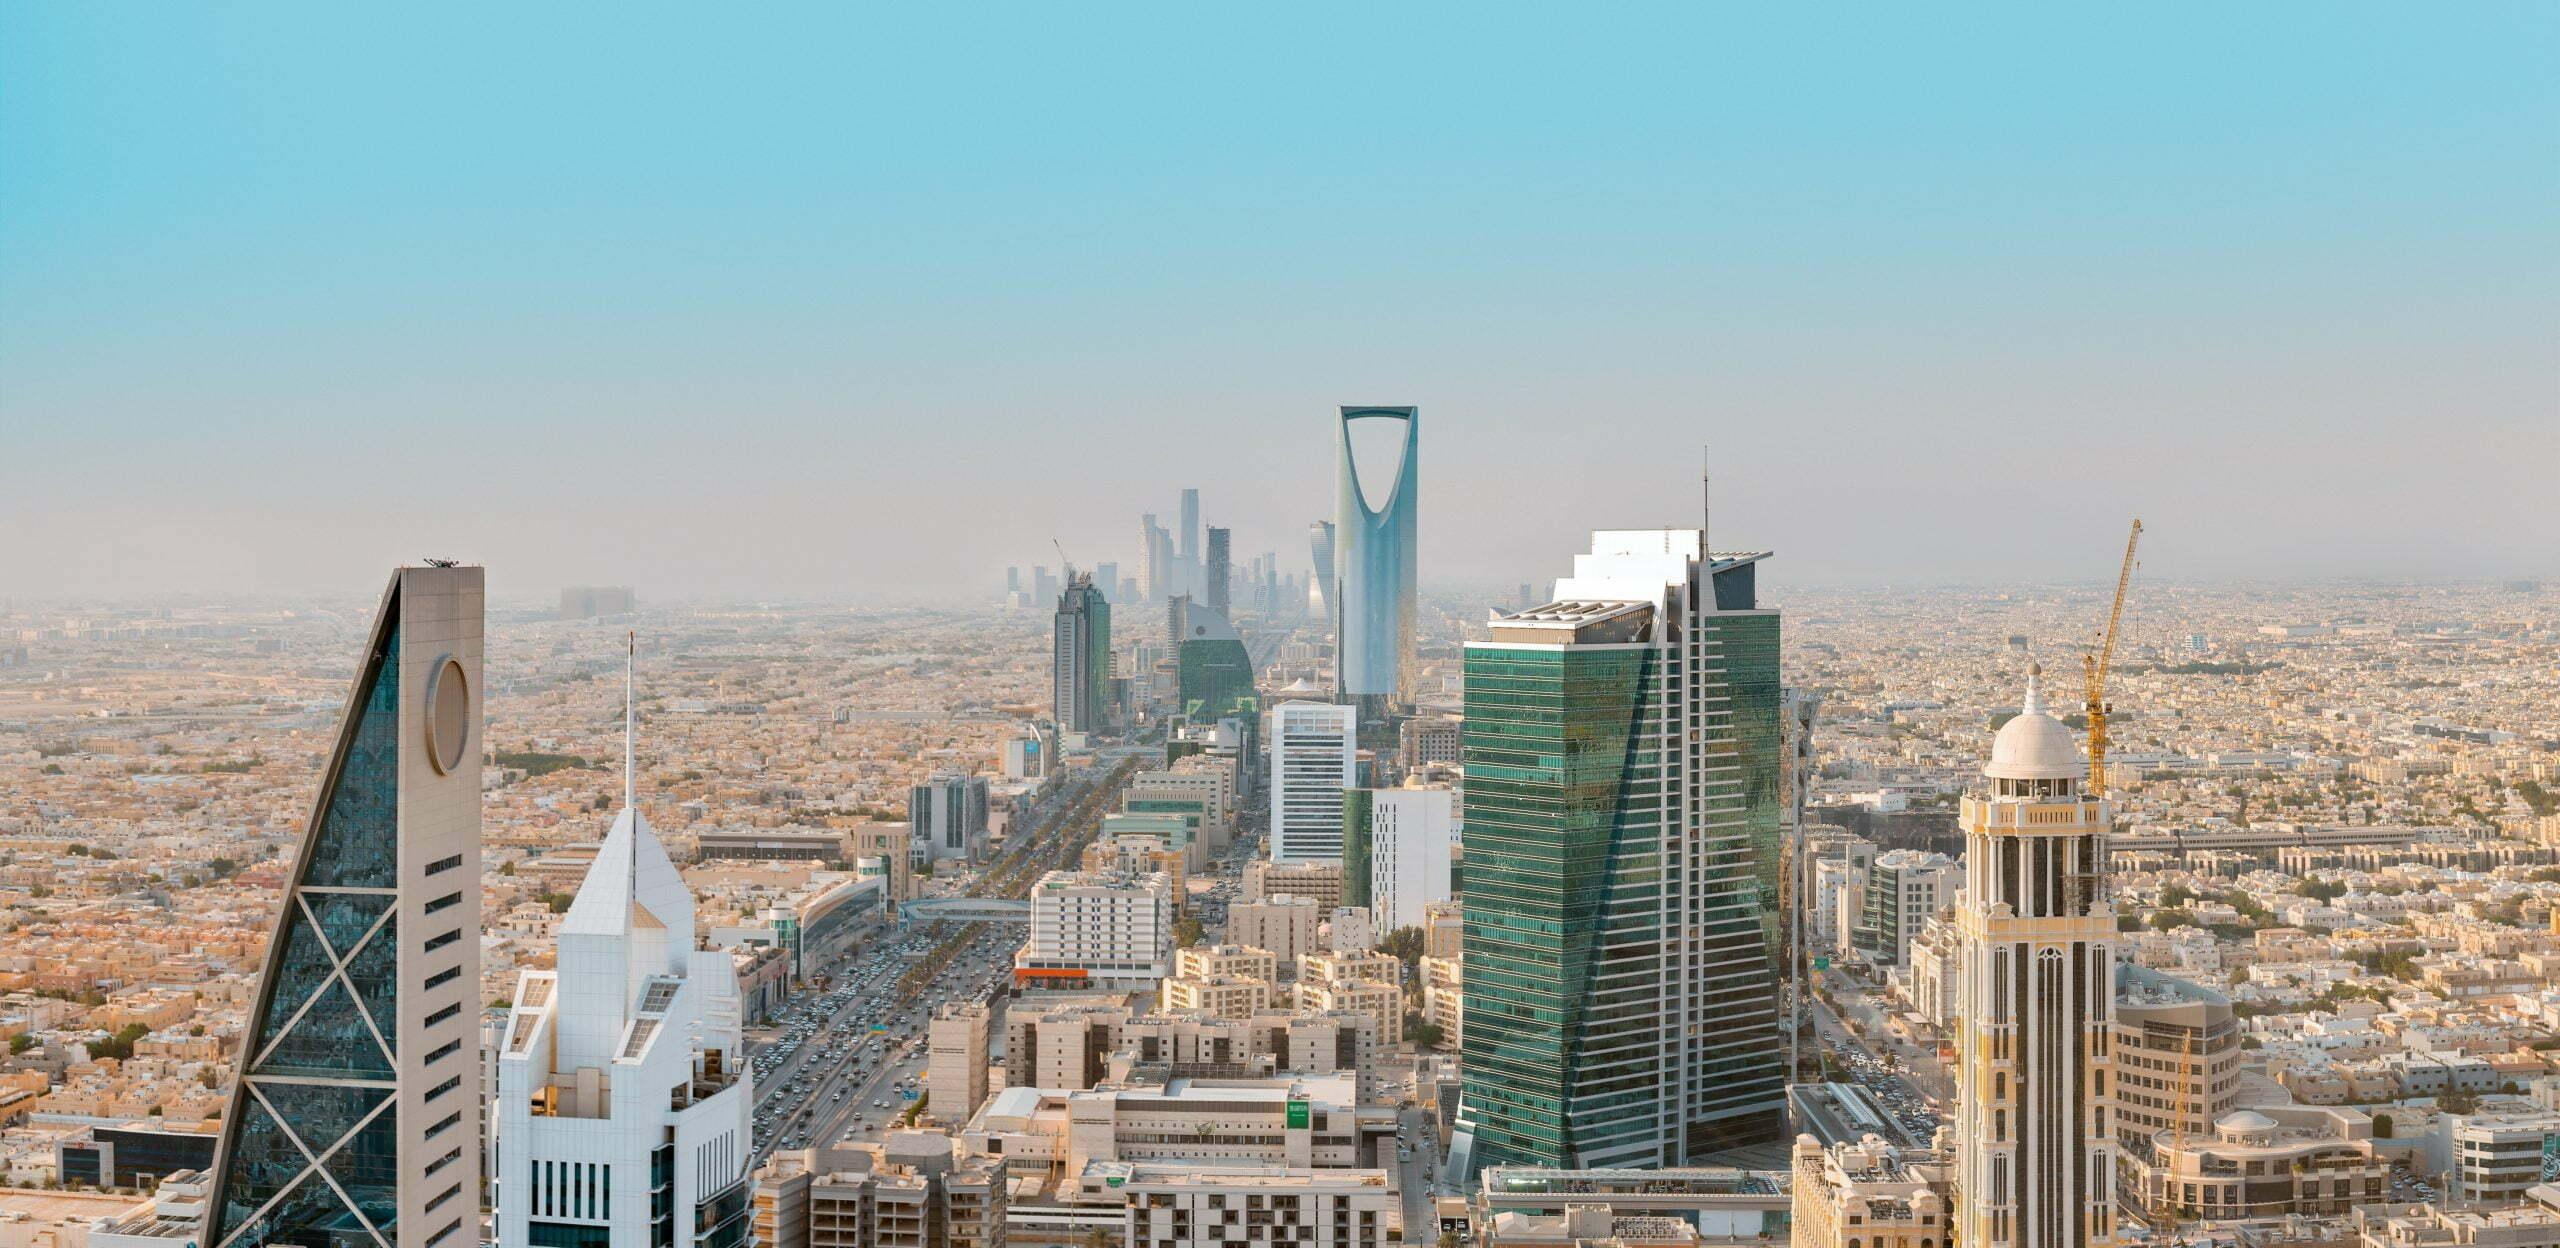 Saudi Arabia requires recruitment agencies to insure domestic labor contracts